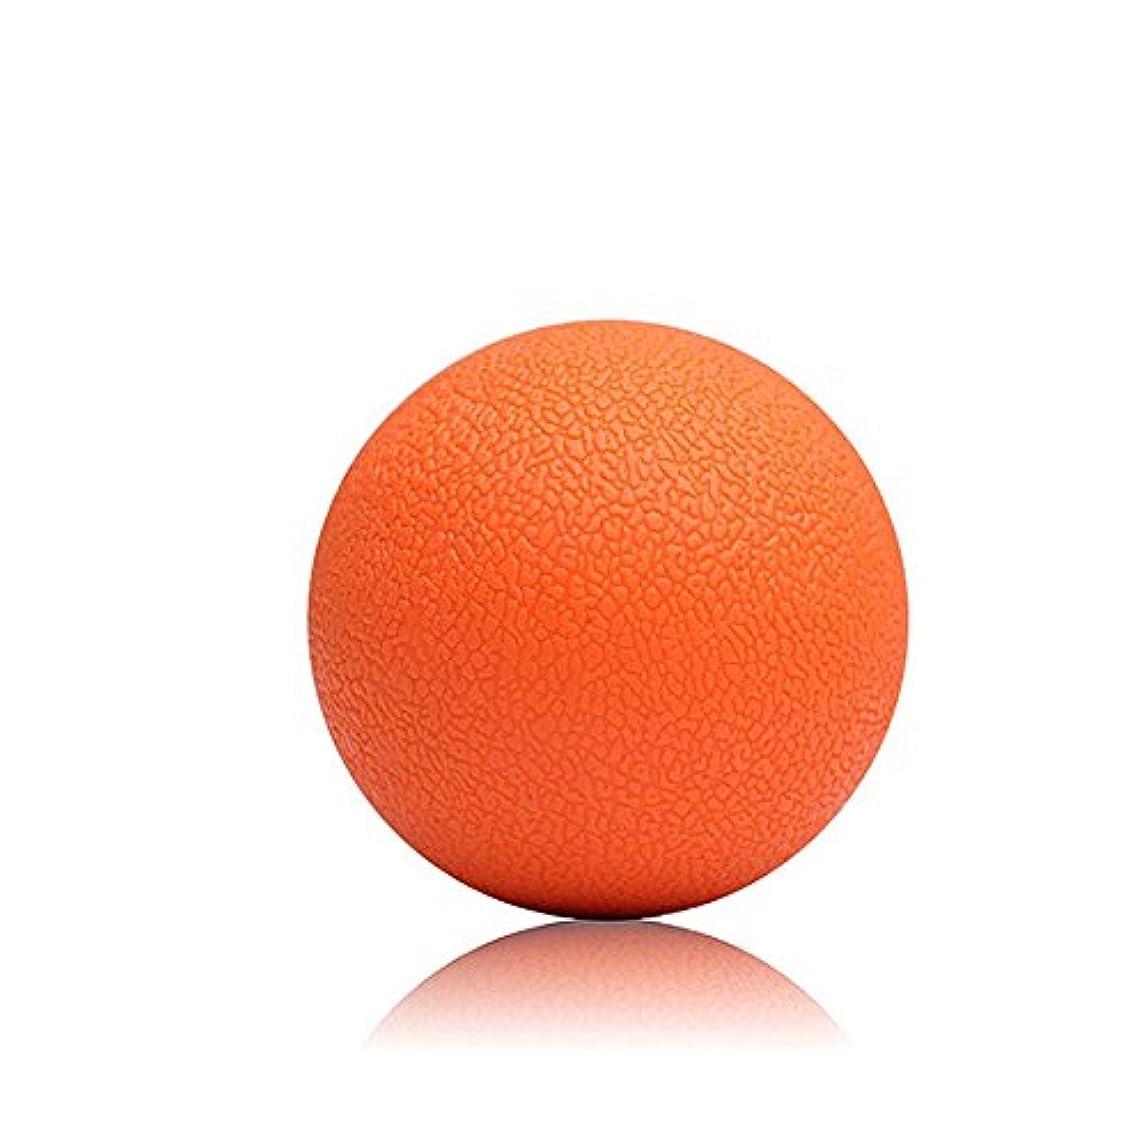 バースバレル欲望マッサージボール 筋膜リリース 指圧ボール 足裏 ふくらはぎ ツボ押しグッズ 健康グッズ